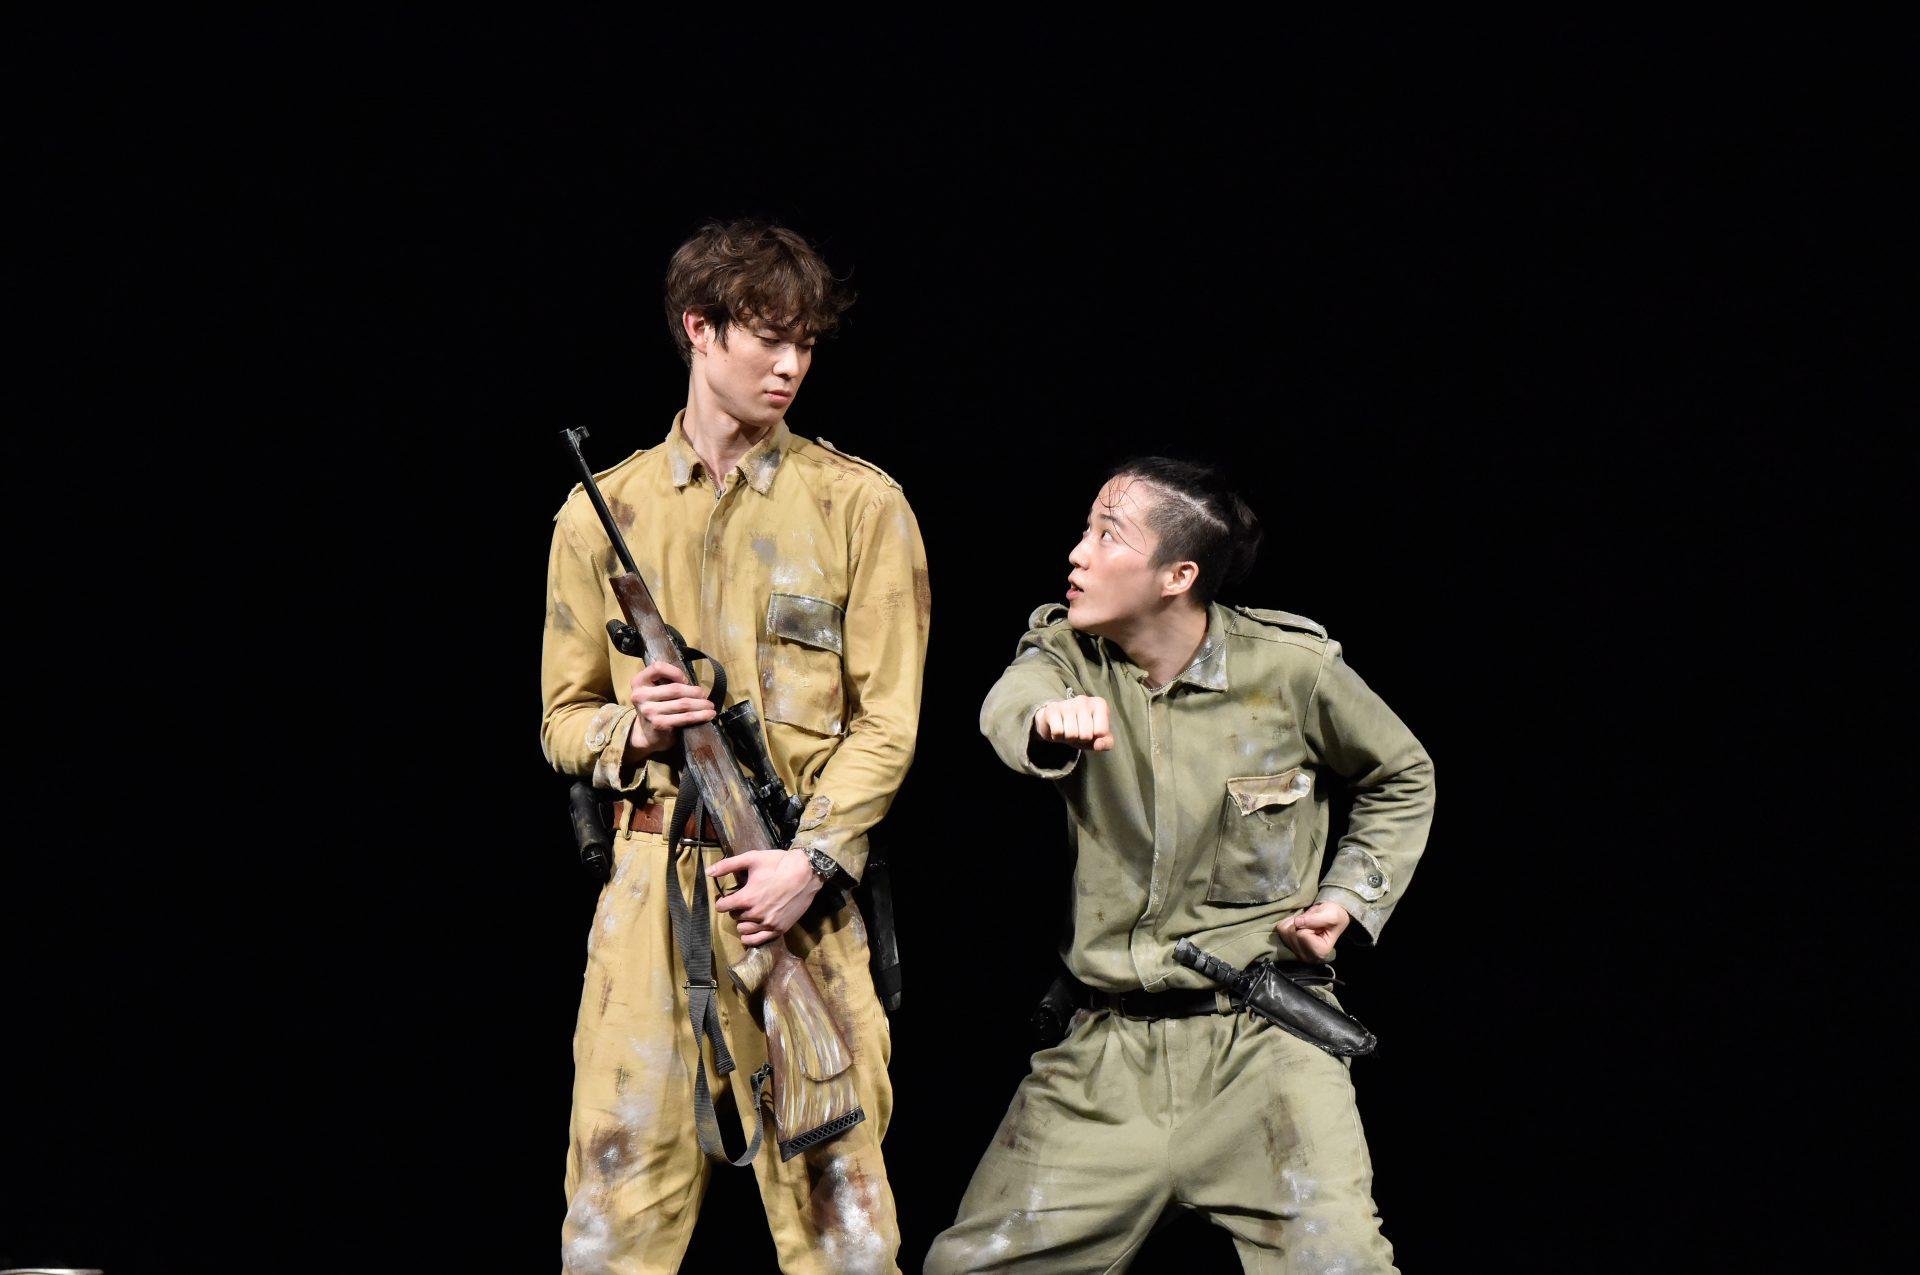 二人の兵士が見つめ合っている。一人は銃を持ち、上から見下ろし、もう一人は低い姿勢で前方に拳を突き出している。